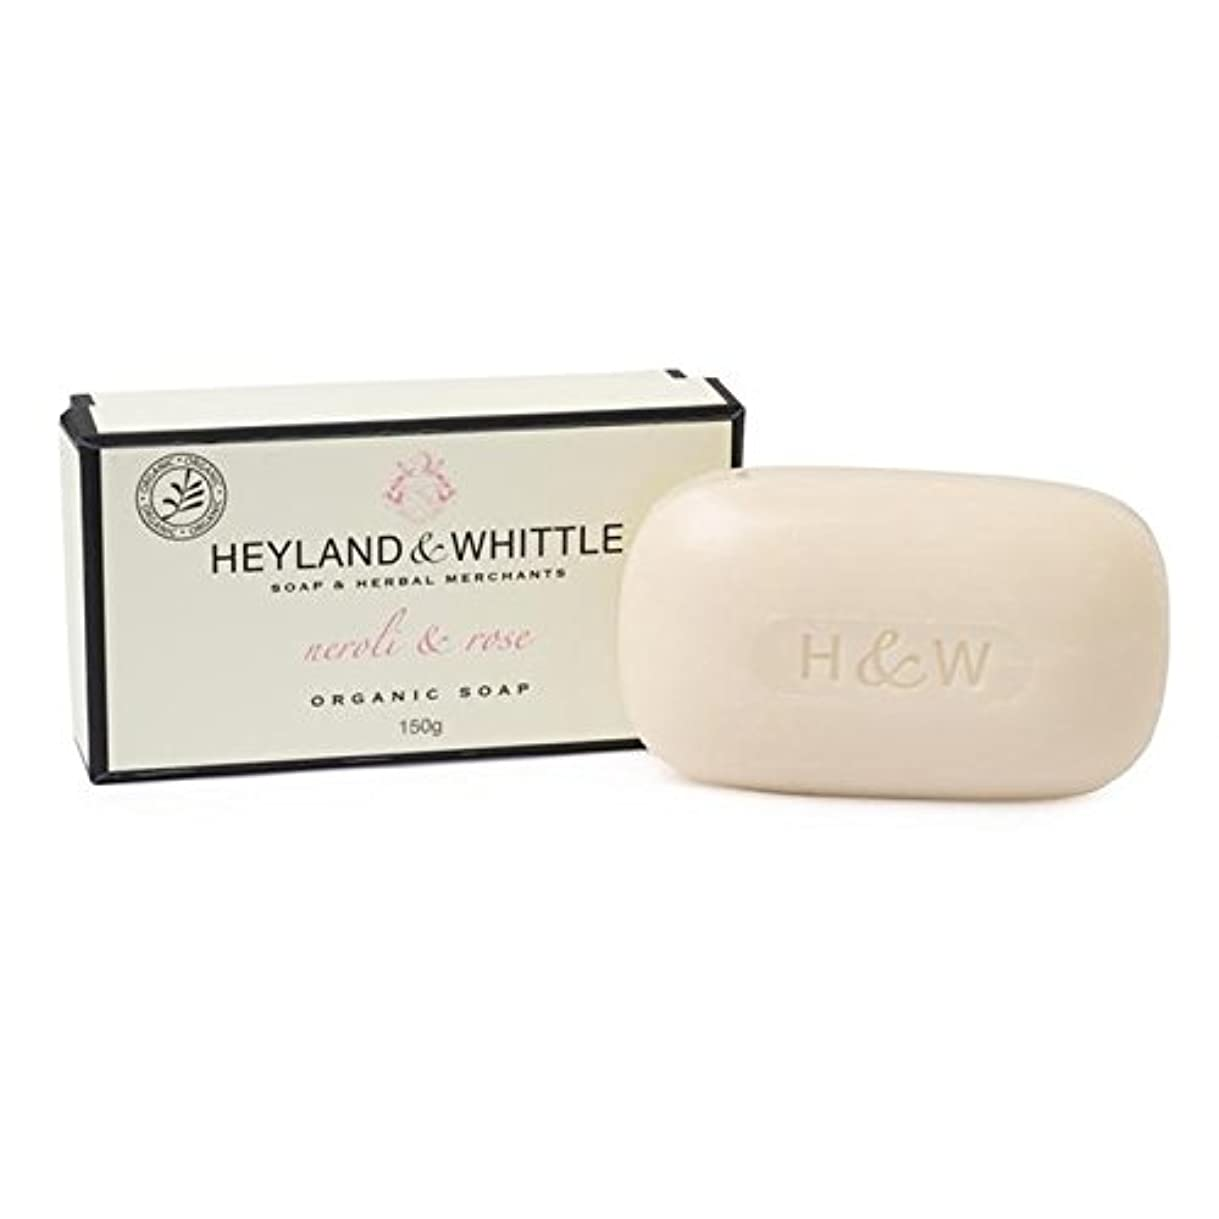 霧浮くコートHeyland & Whittle Organic Neroli & Rose Soap Bar 150g (Pack of 6) - &削る有機ネロリ&ソープバー150グラムをバラ x6 [並行輸入品]